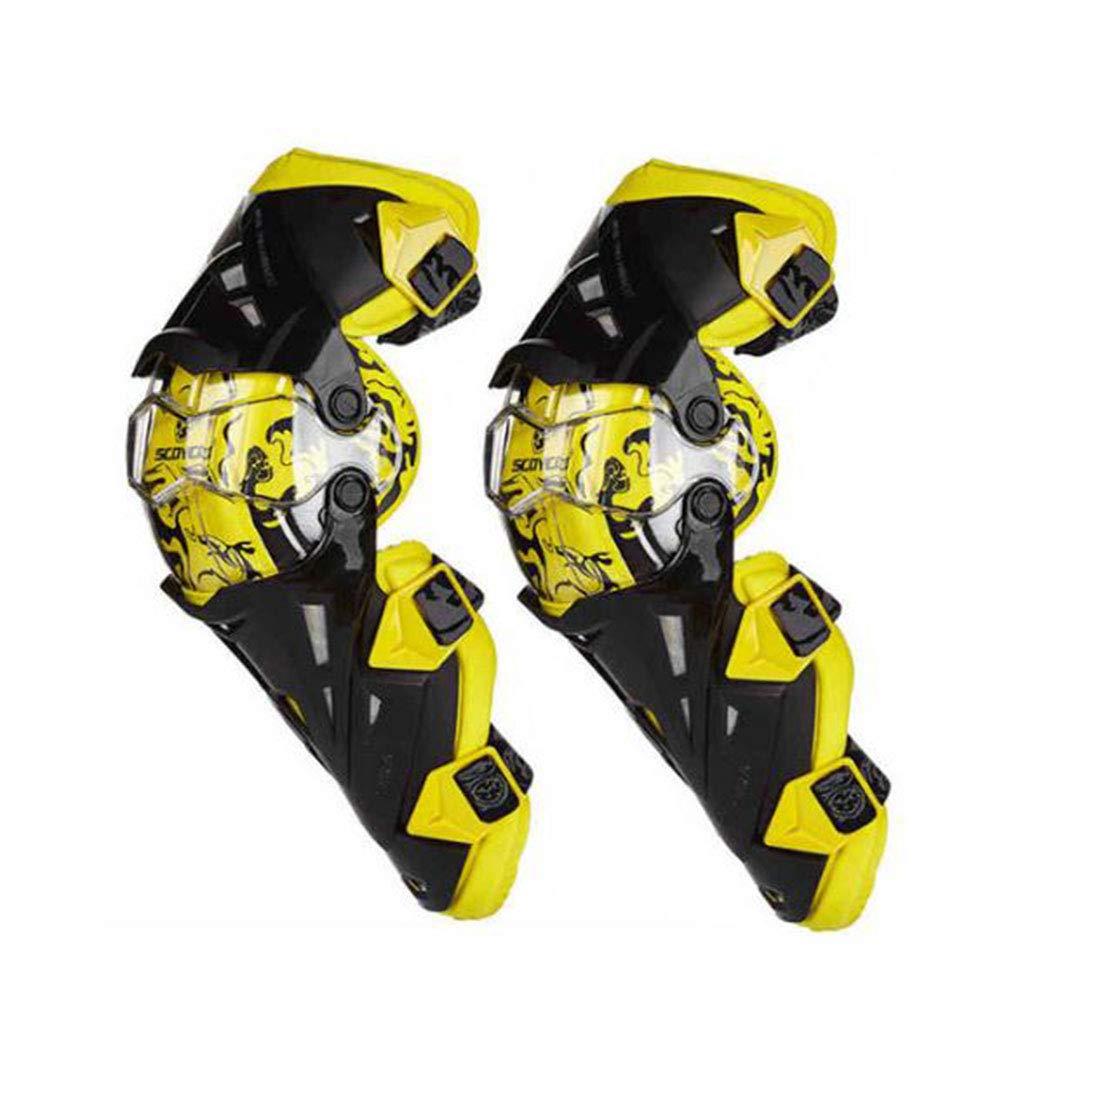 Aeshesn 快適な膝パッド調節可能な長い脚スリーブギアクラッシュ防止滑り止め保護新ガード衝突回避膝スリーブオートバイマウンテンバイク (Color : イエロー) イエロー B07QCZ5XJS